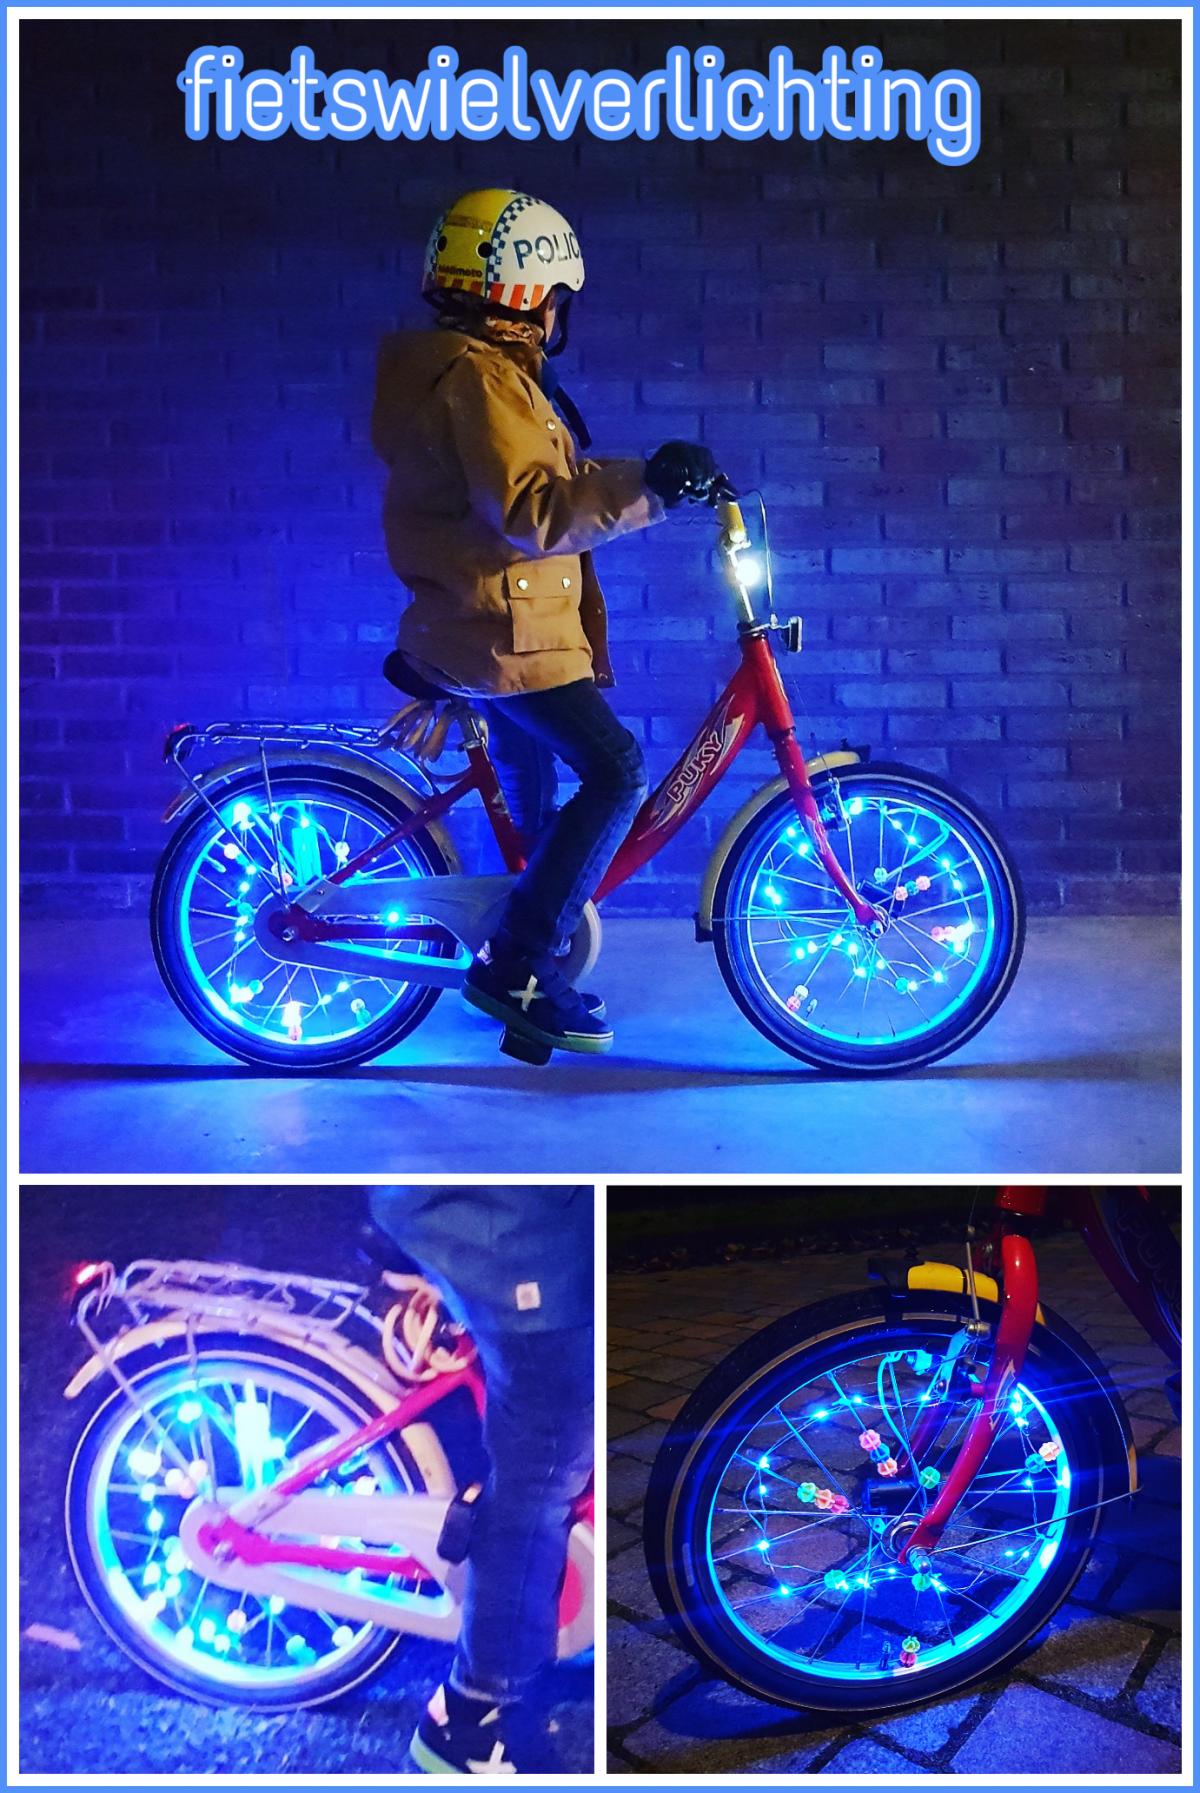 bike light fietswielverlichting voor kinderfietsen leukmetkids kinderfiets verlichting winter herfst